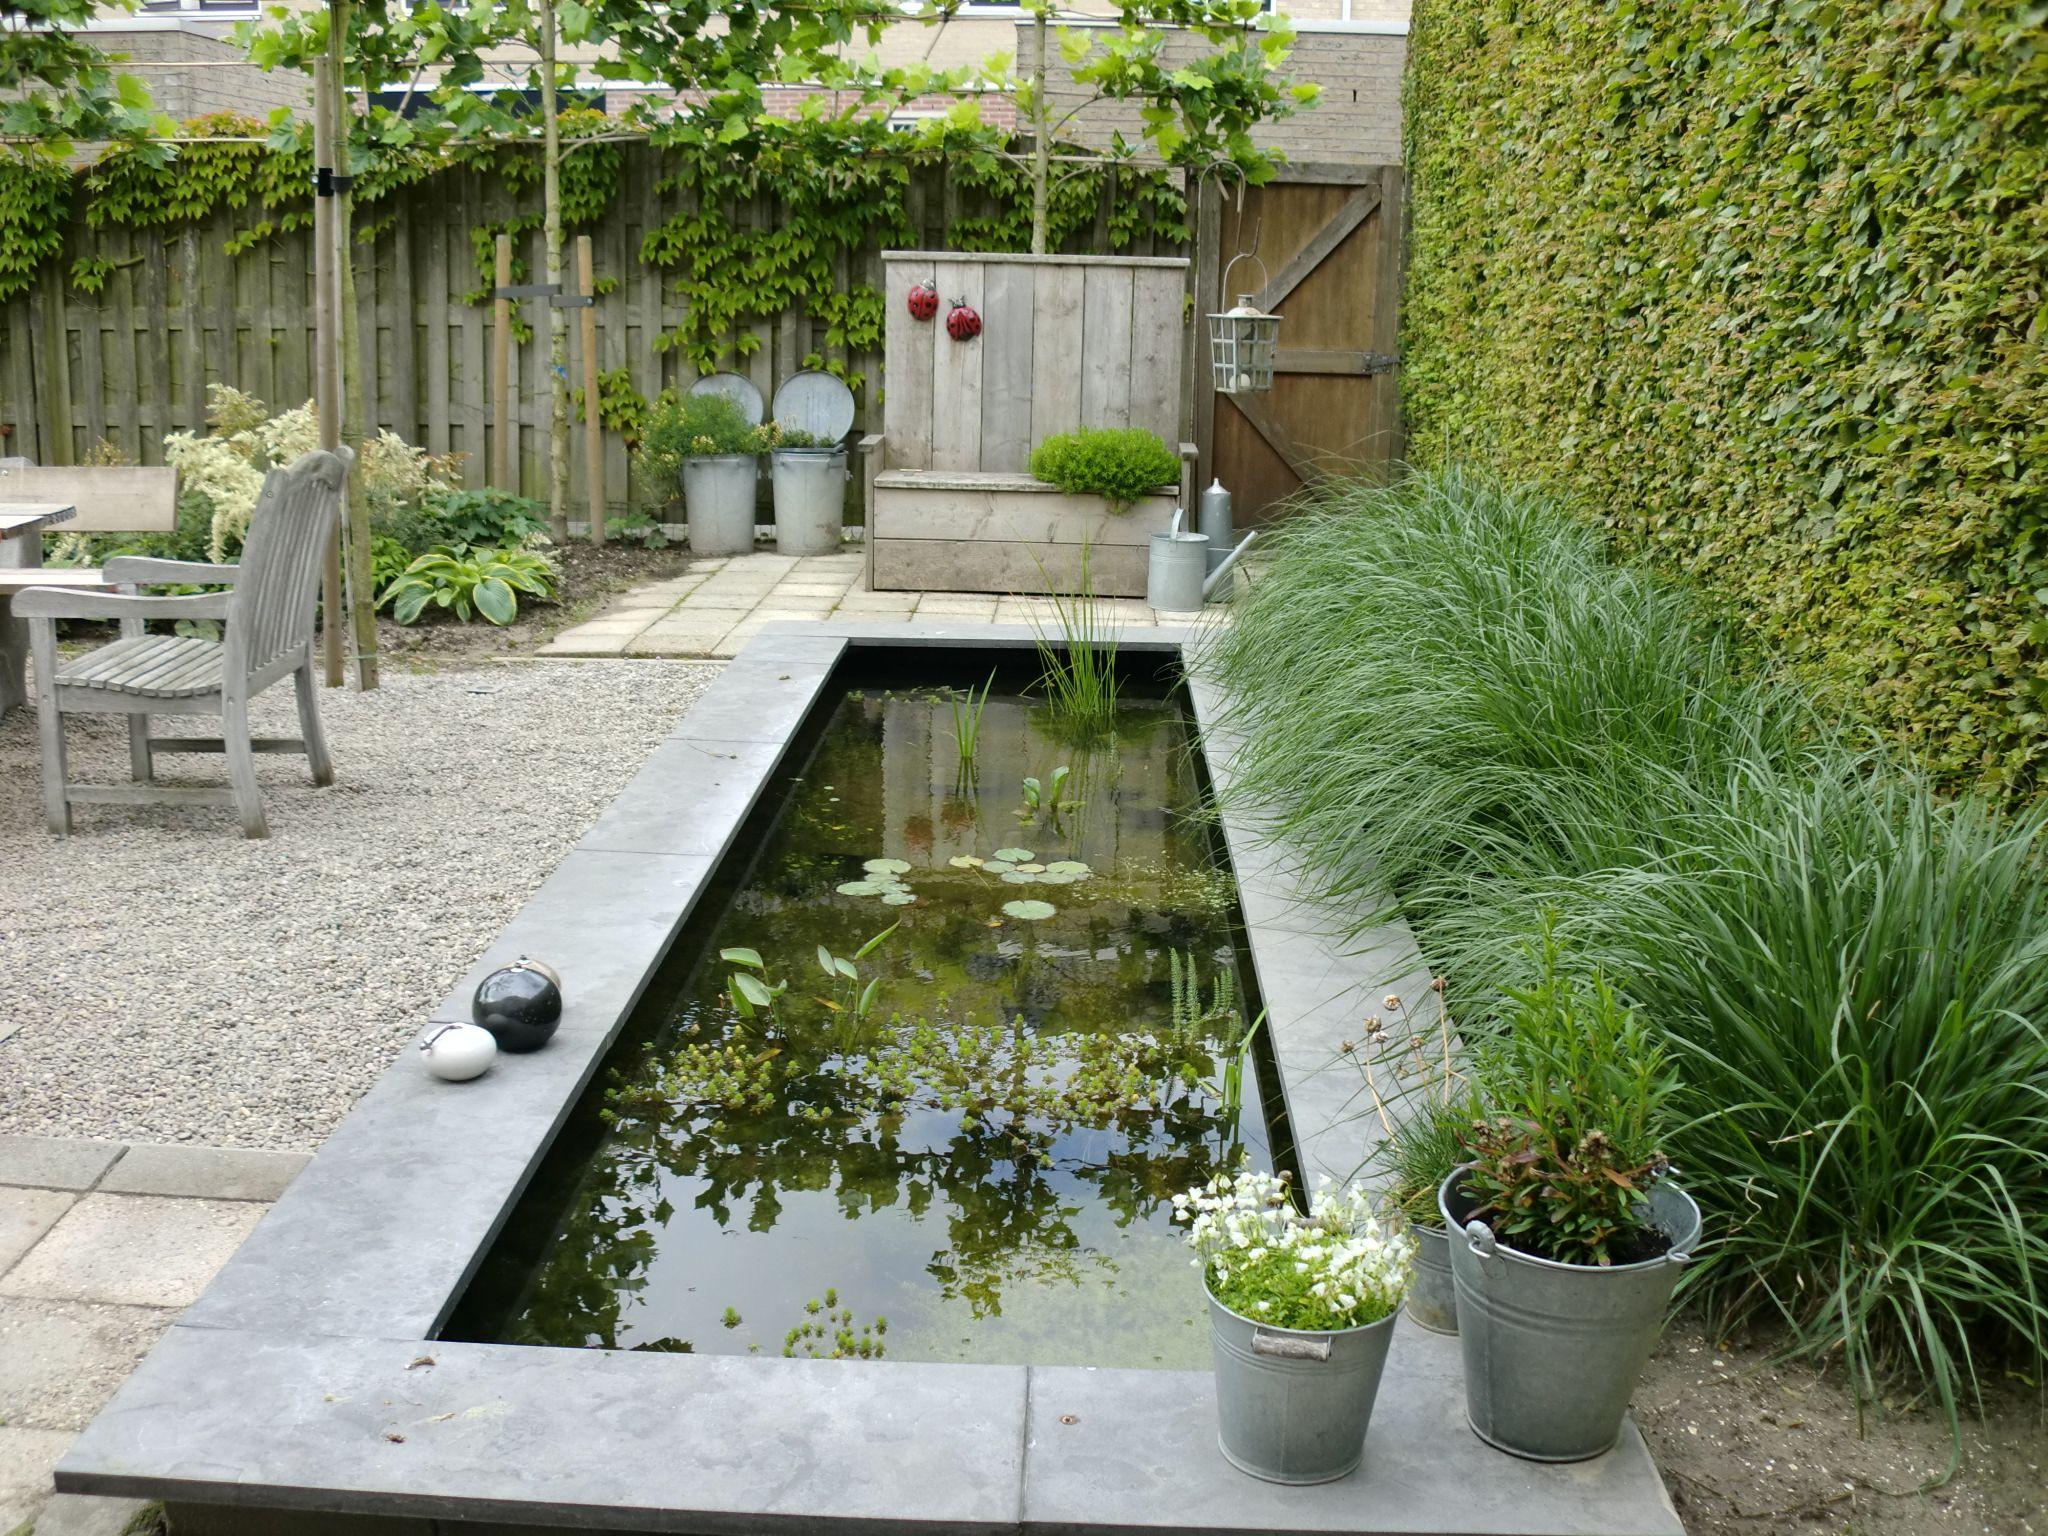 Elegant Rechthoekige Vijver In Landelijke Tuin   Rectangle Pond In Country Garden ♥  Fonteyn